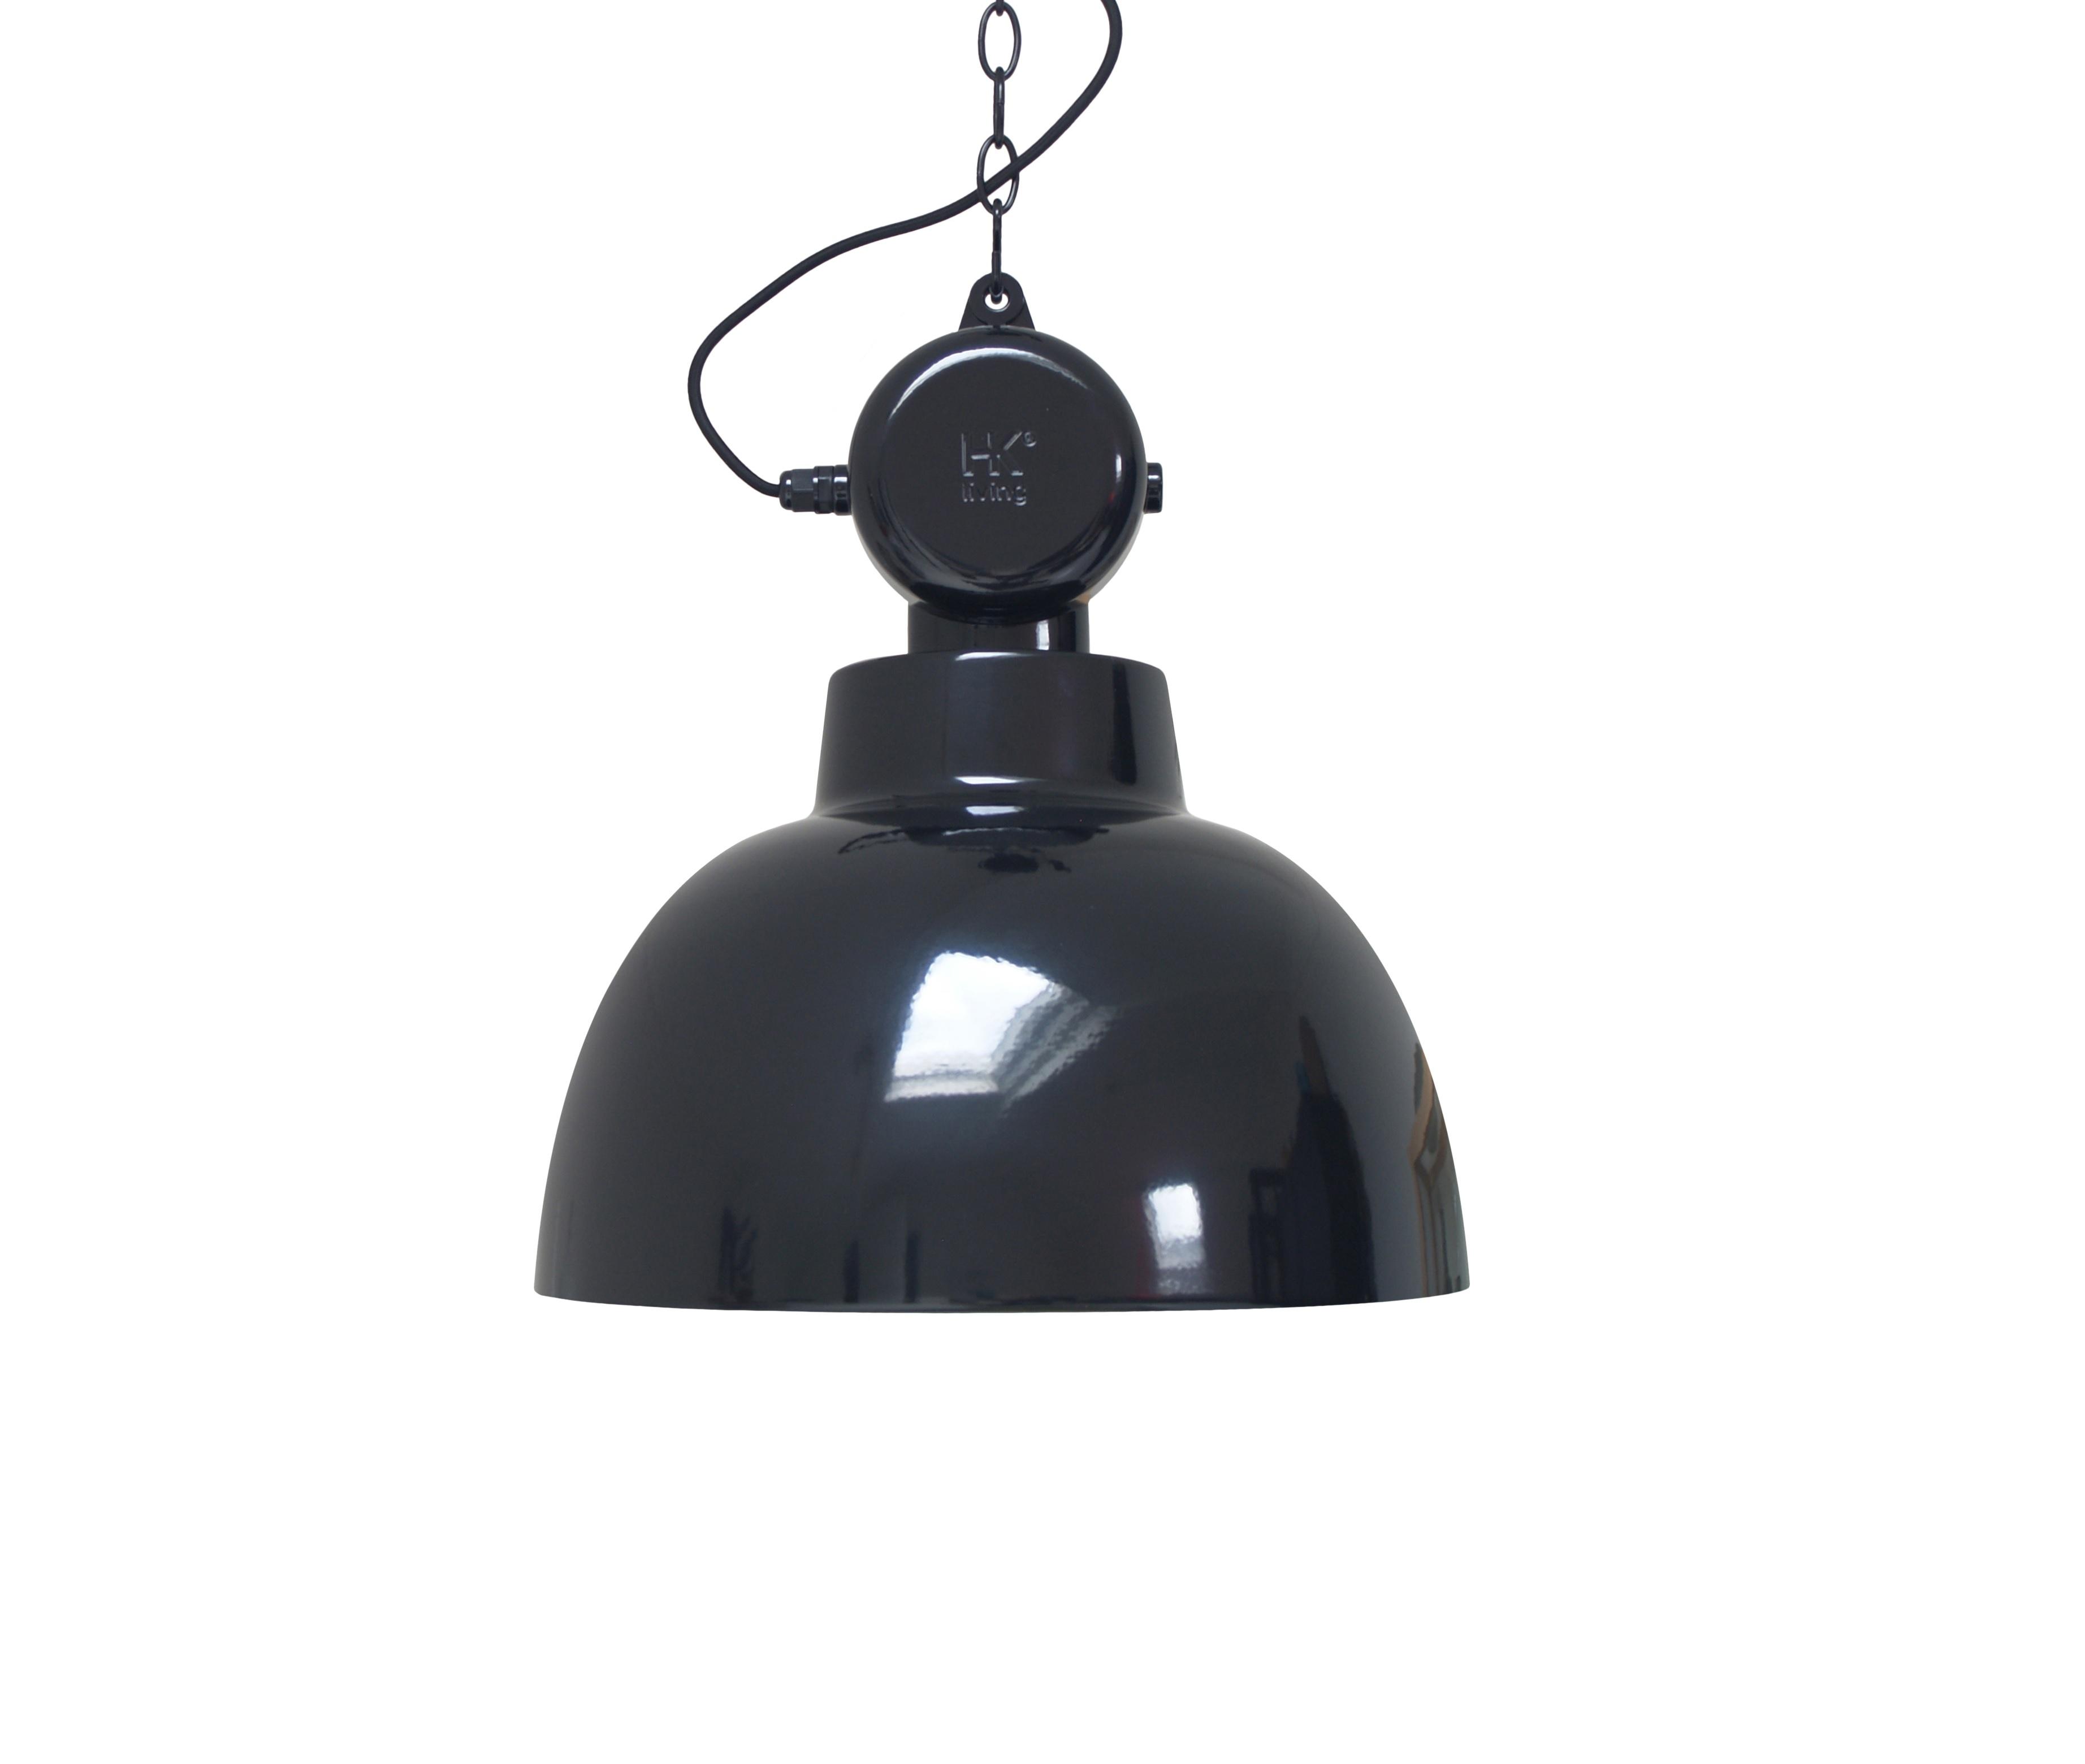 Лампа FACTORYПодвесные светильники<br>Индустриальный светильник в новом исполнении. Черный шнур + металлическая цепь длиной 2 м.&amp;lt;div&amp;gt;&amp;lt;br&amp;gt;&amp;lt;/div&amp;gt;&amp;lt;div&amp;gt;Вид цоколя: Е27&amp;lt;/div&amp;gt;&amp;lt;div&amp;gt;Мощность: 60W&amp;lt;/div&amp;gt;&amp;lt;div&amp;gt;Количество ламп: 1&amp;lt;/div&amp;gt;<br><br>Material: Металл<br>Height см: 55<br>Diameter см: 50